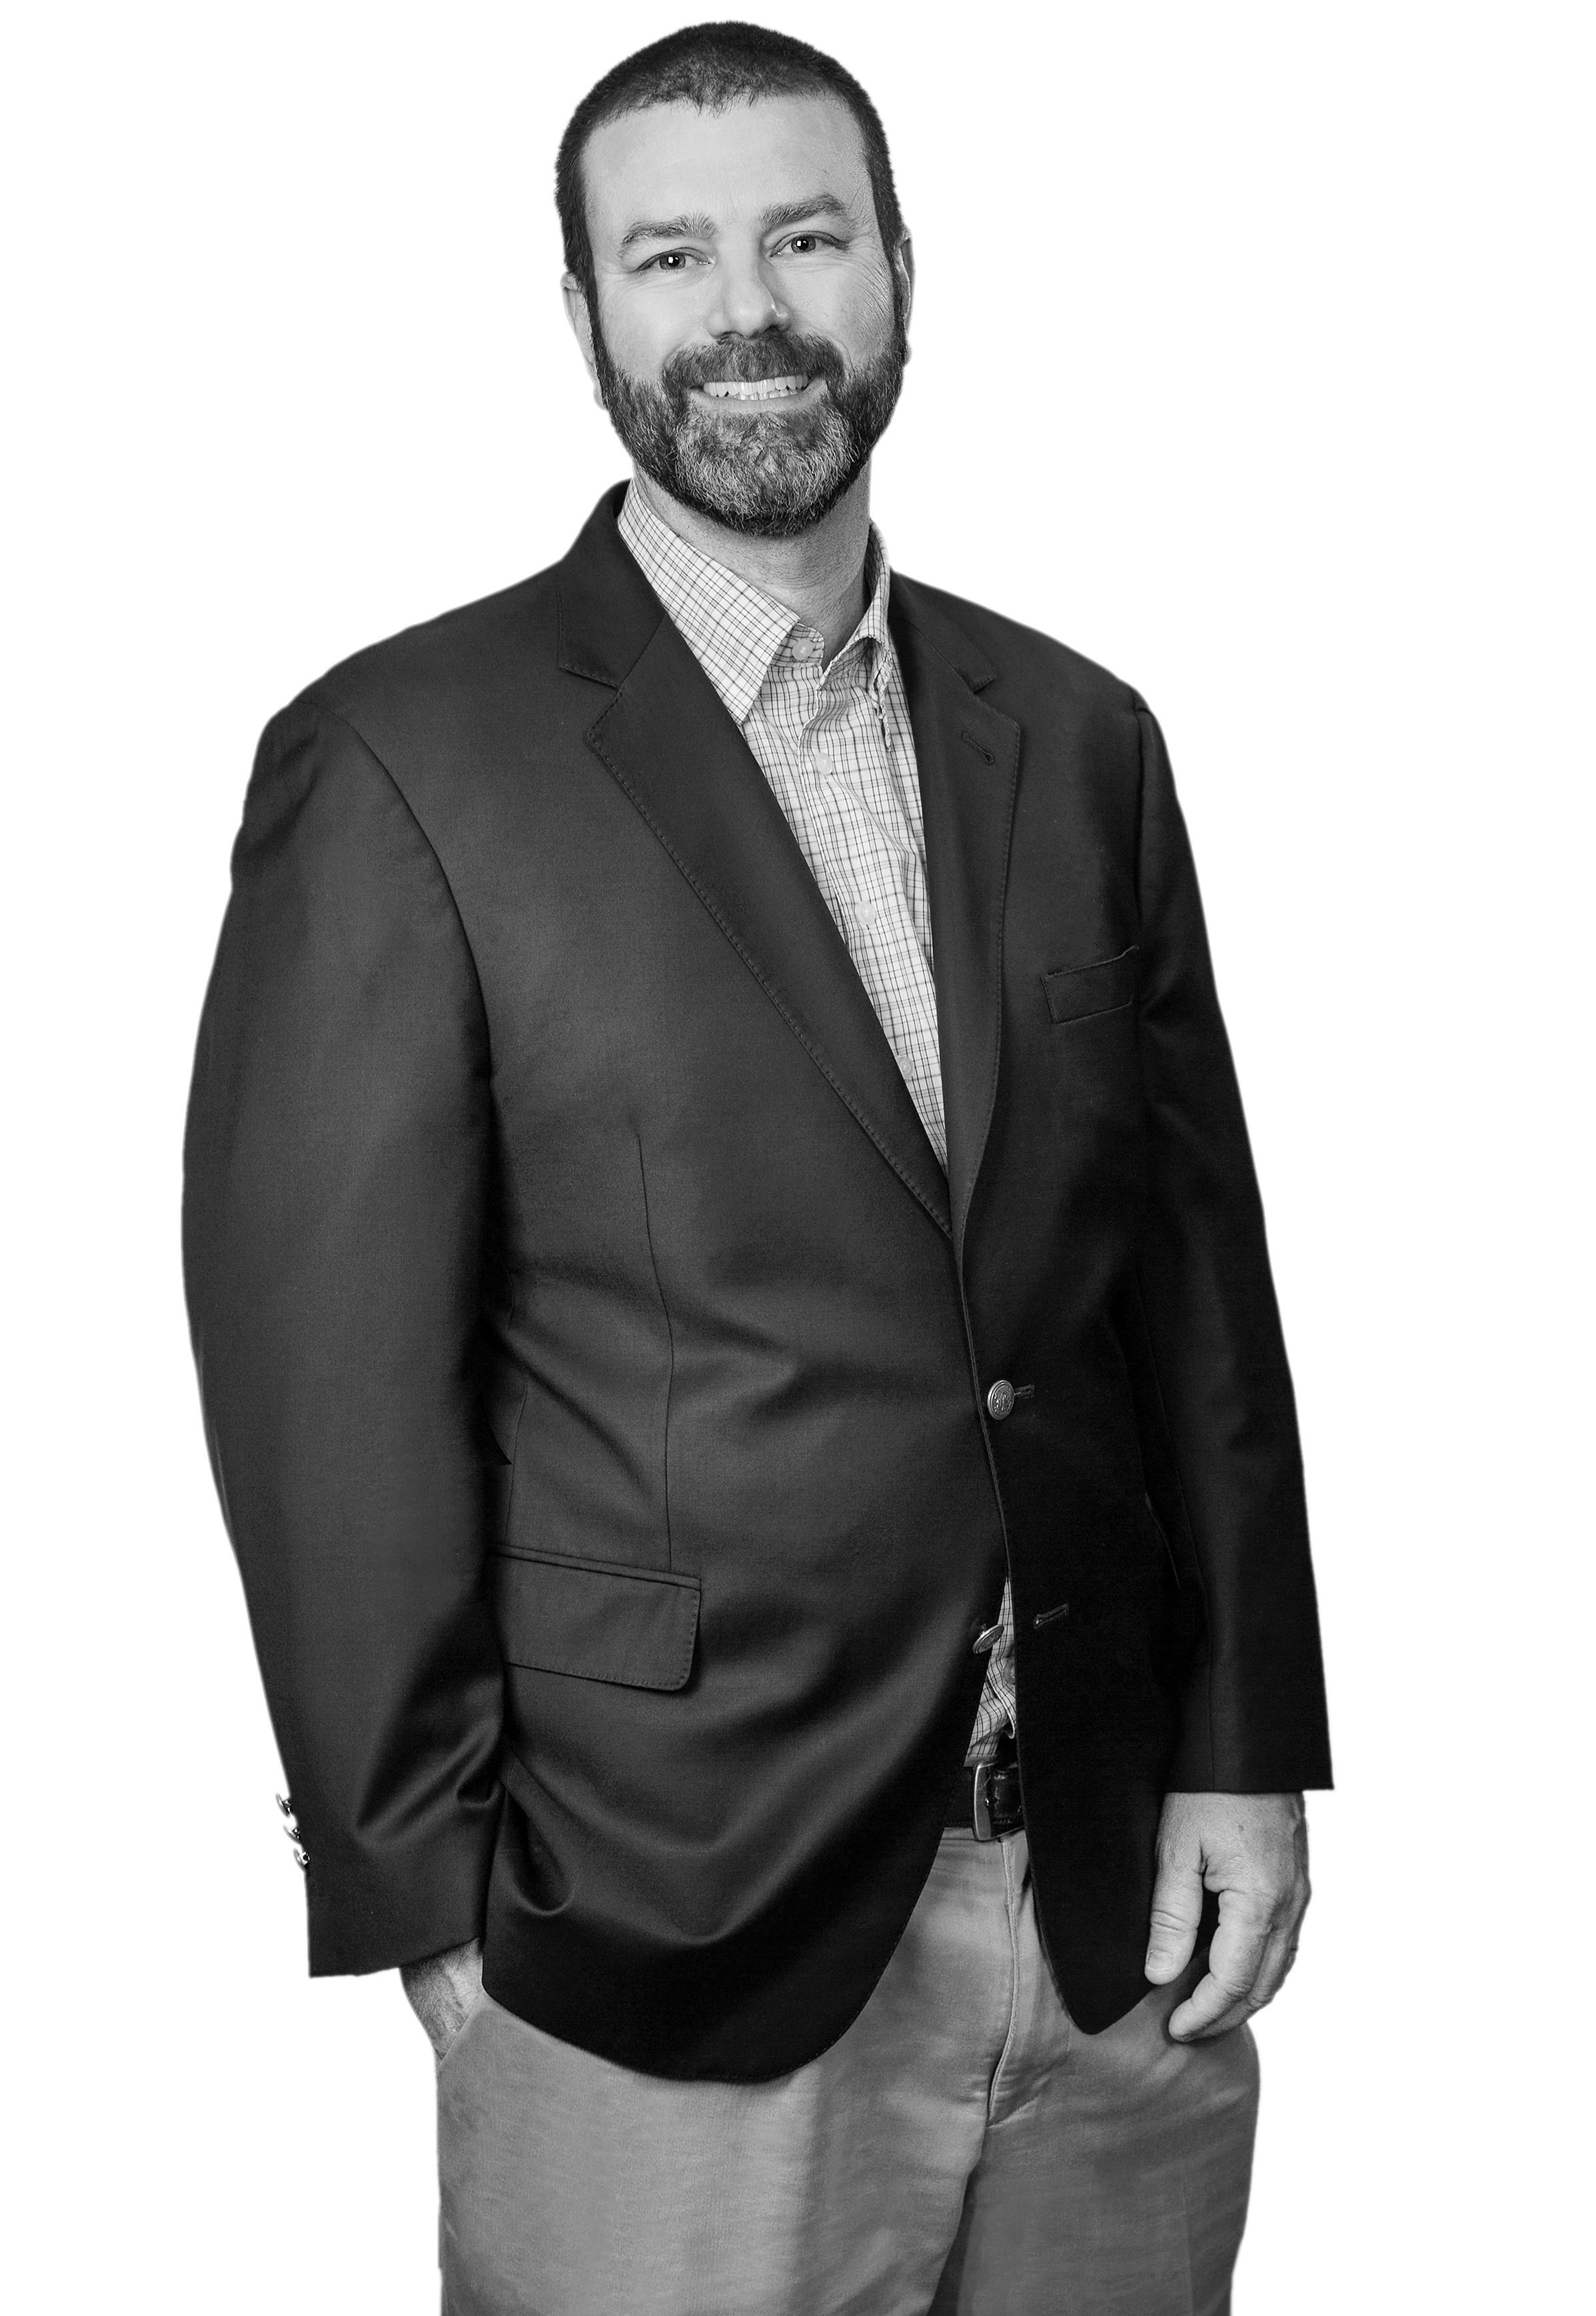 photo of Jon Martin standing